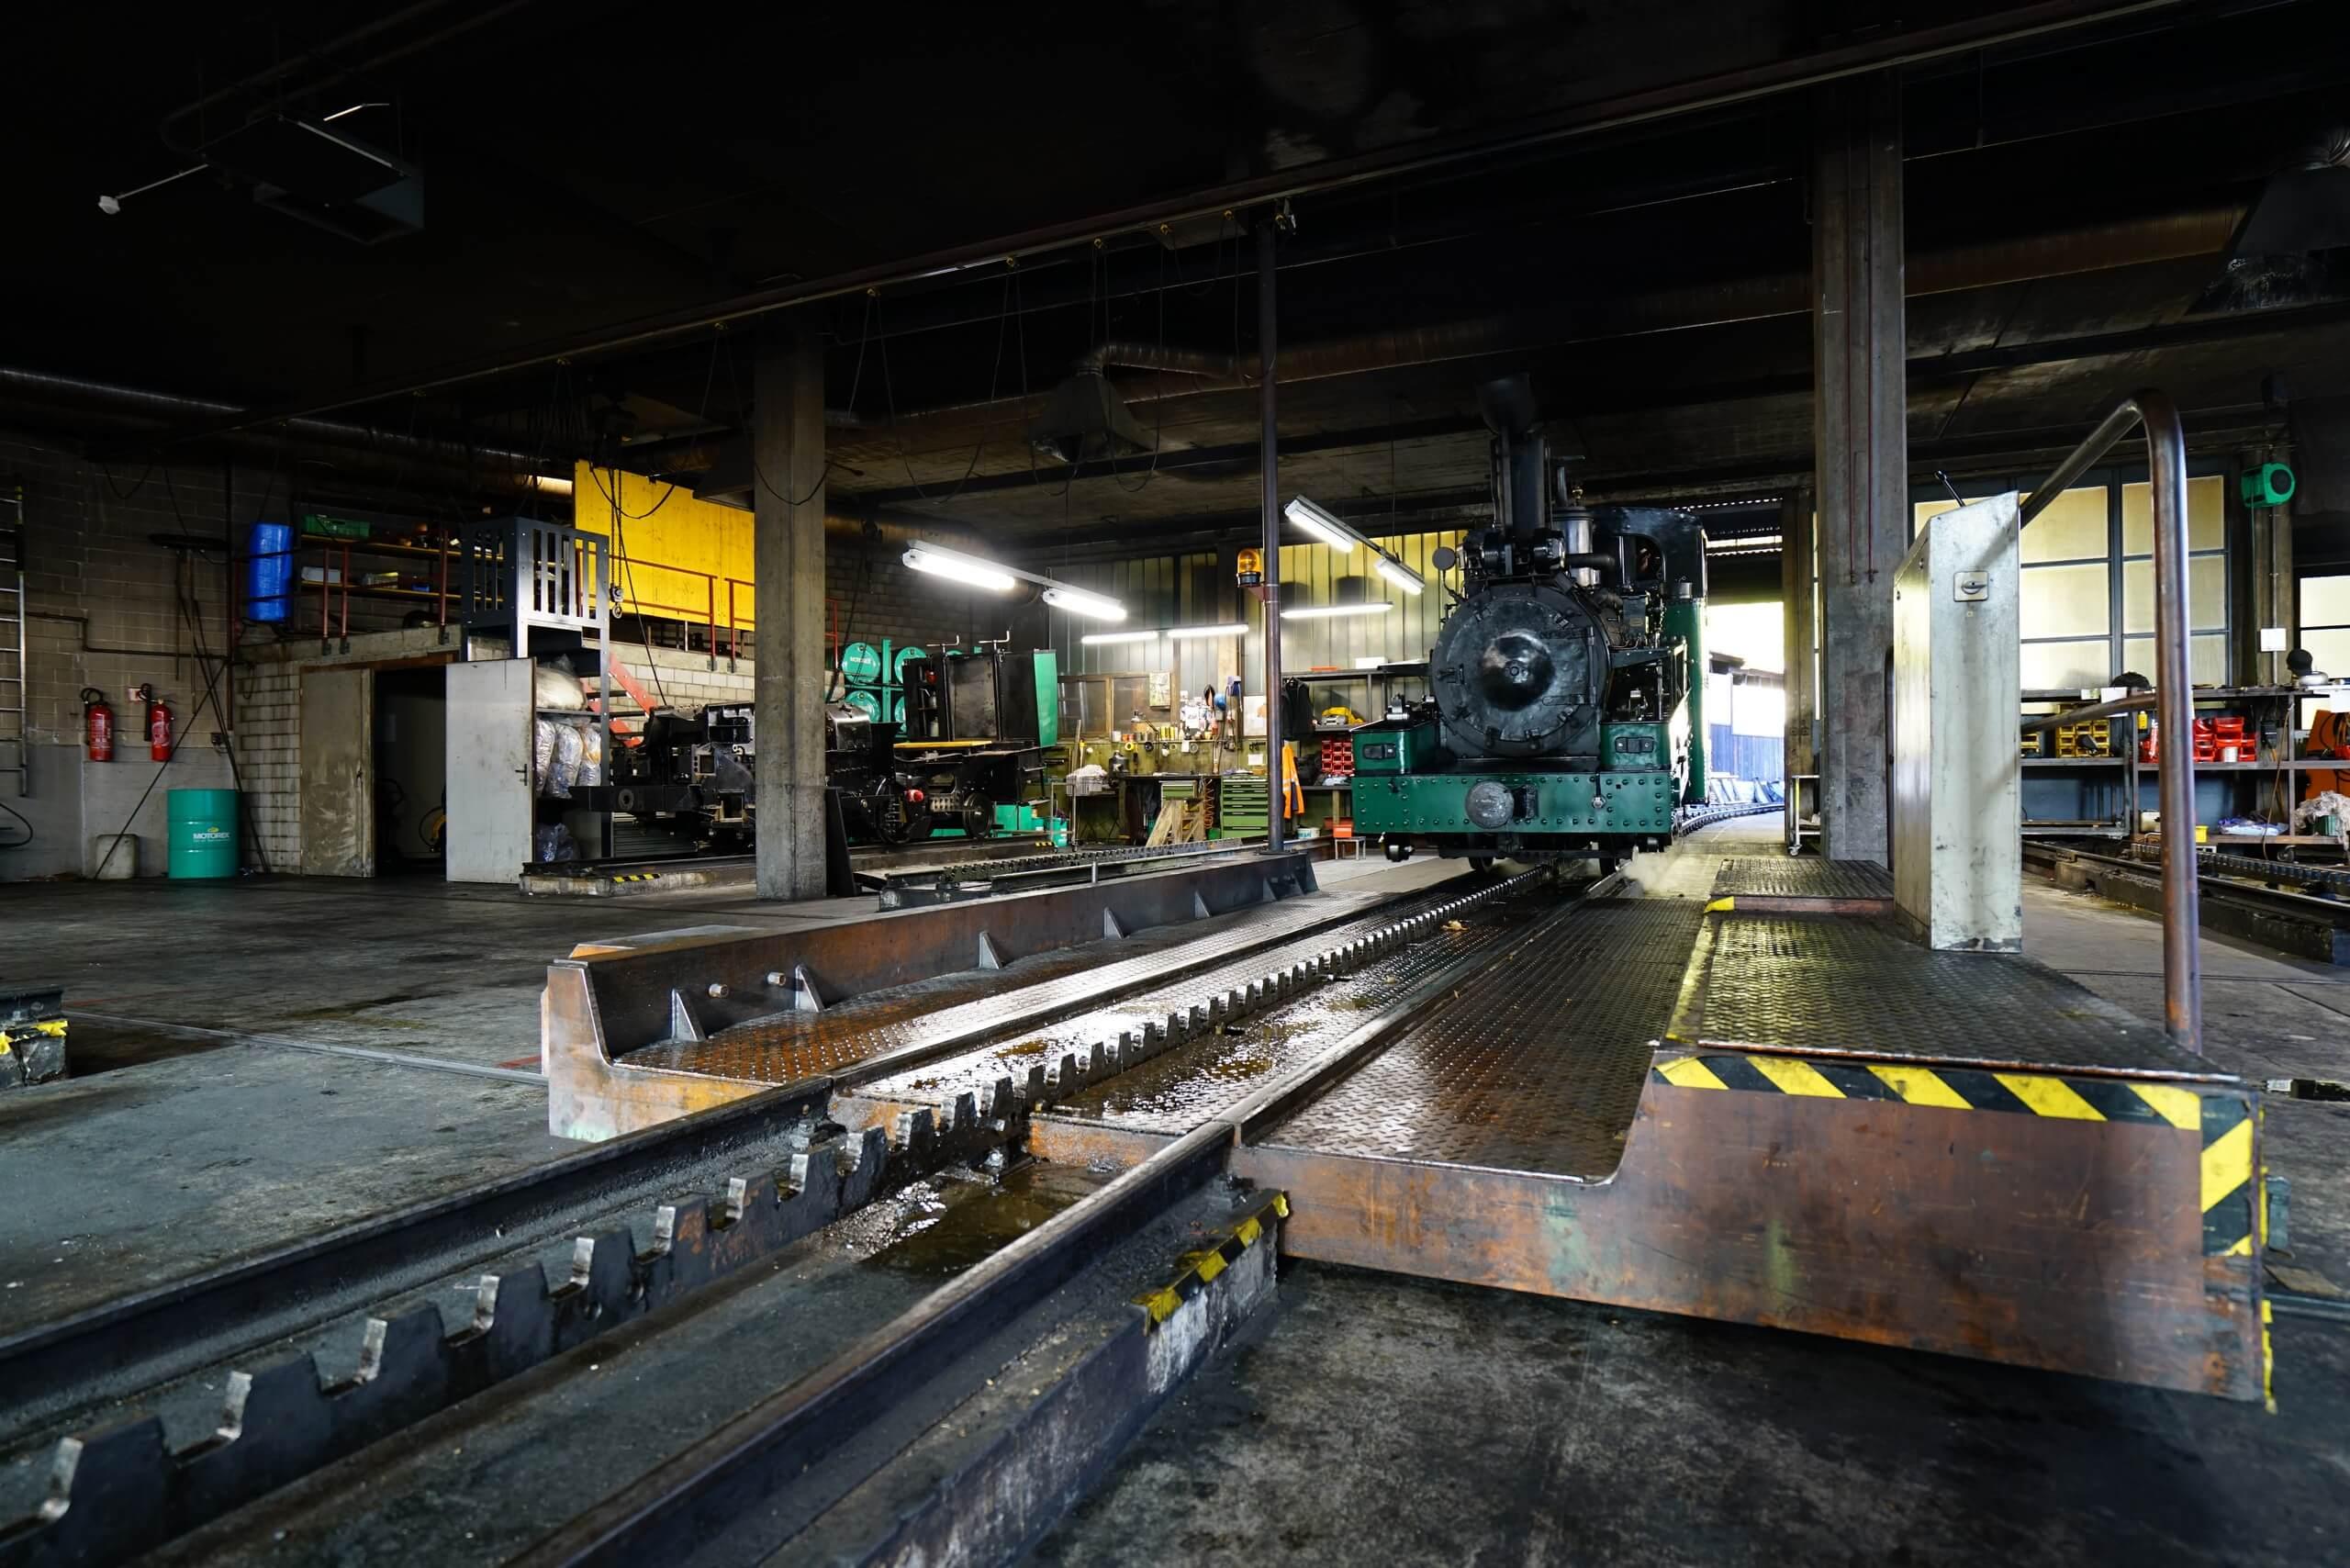 brienz-depotbesichtigung-fuehrung